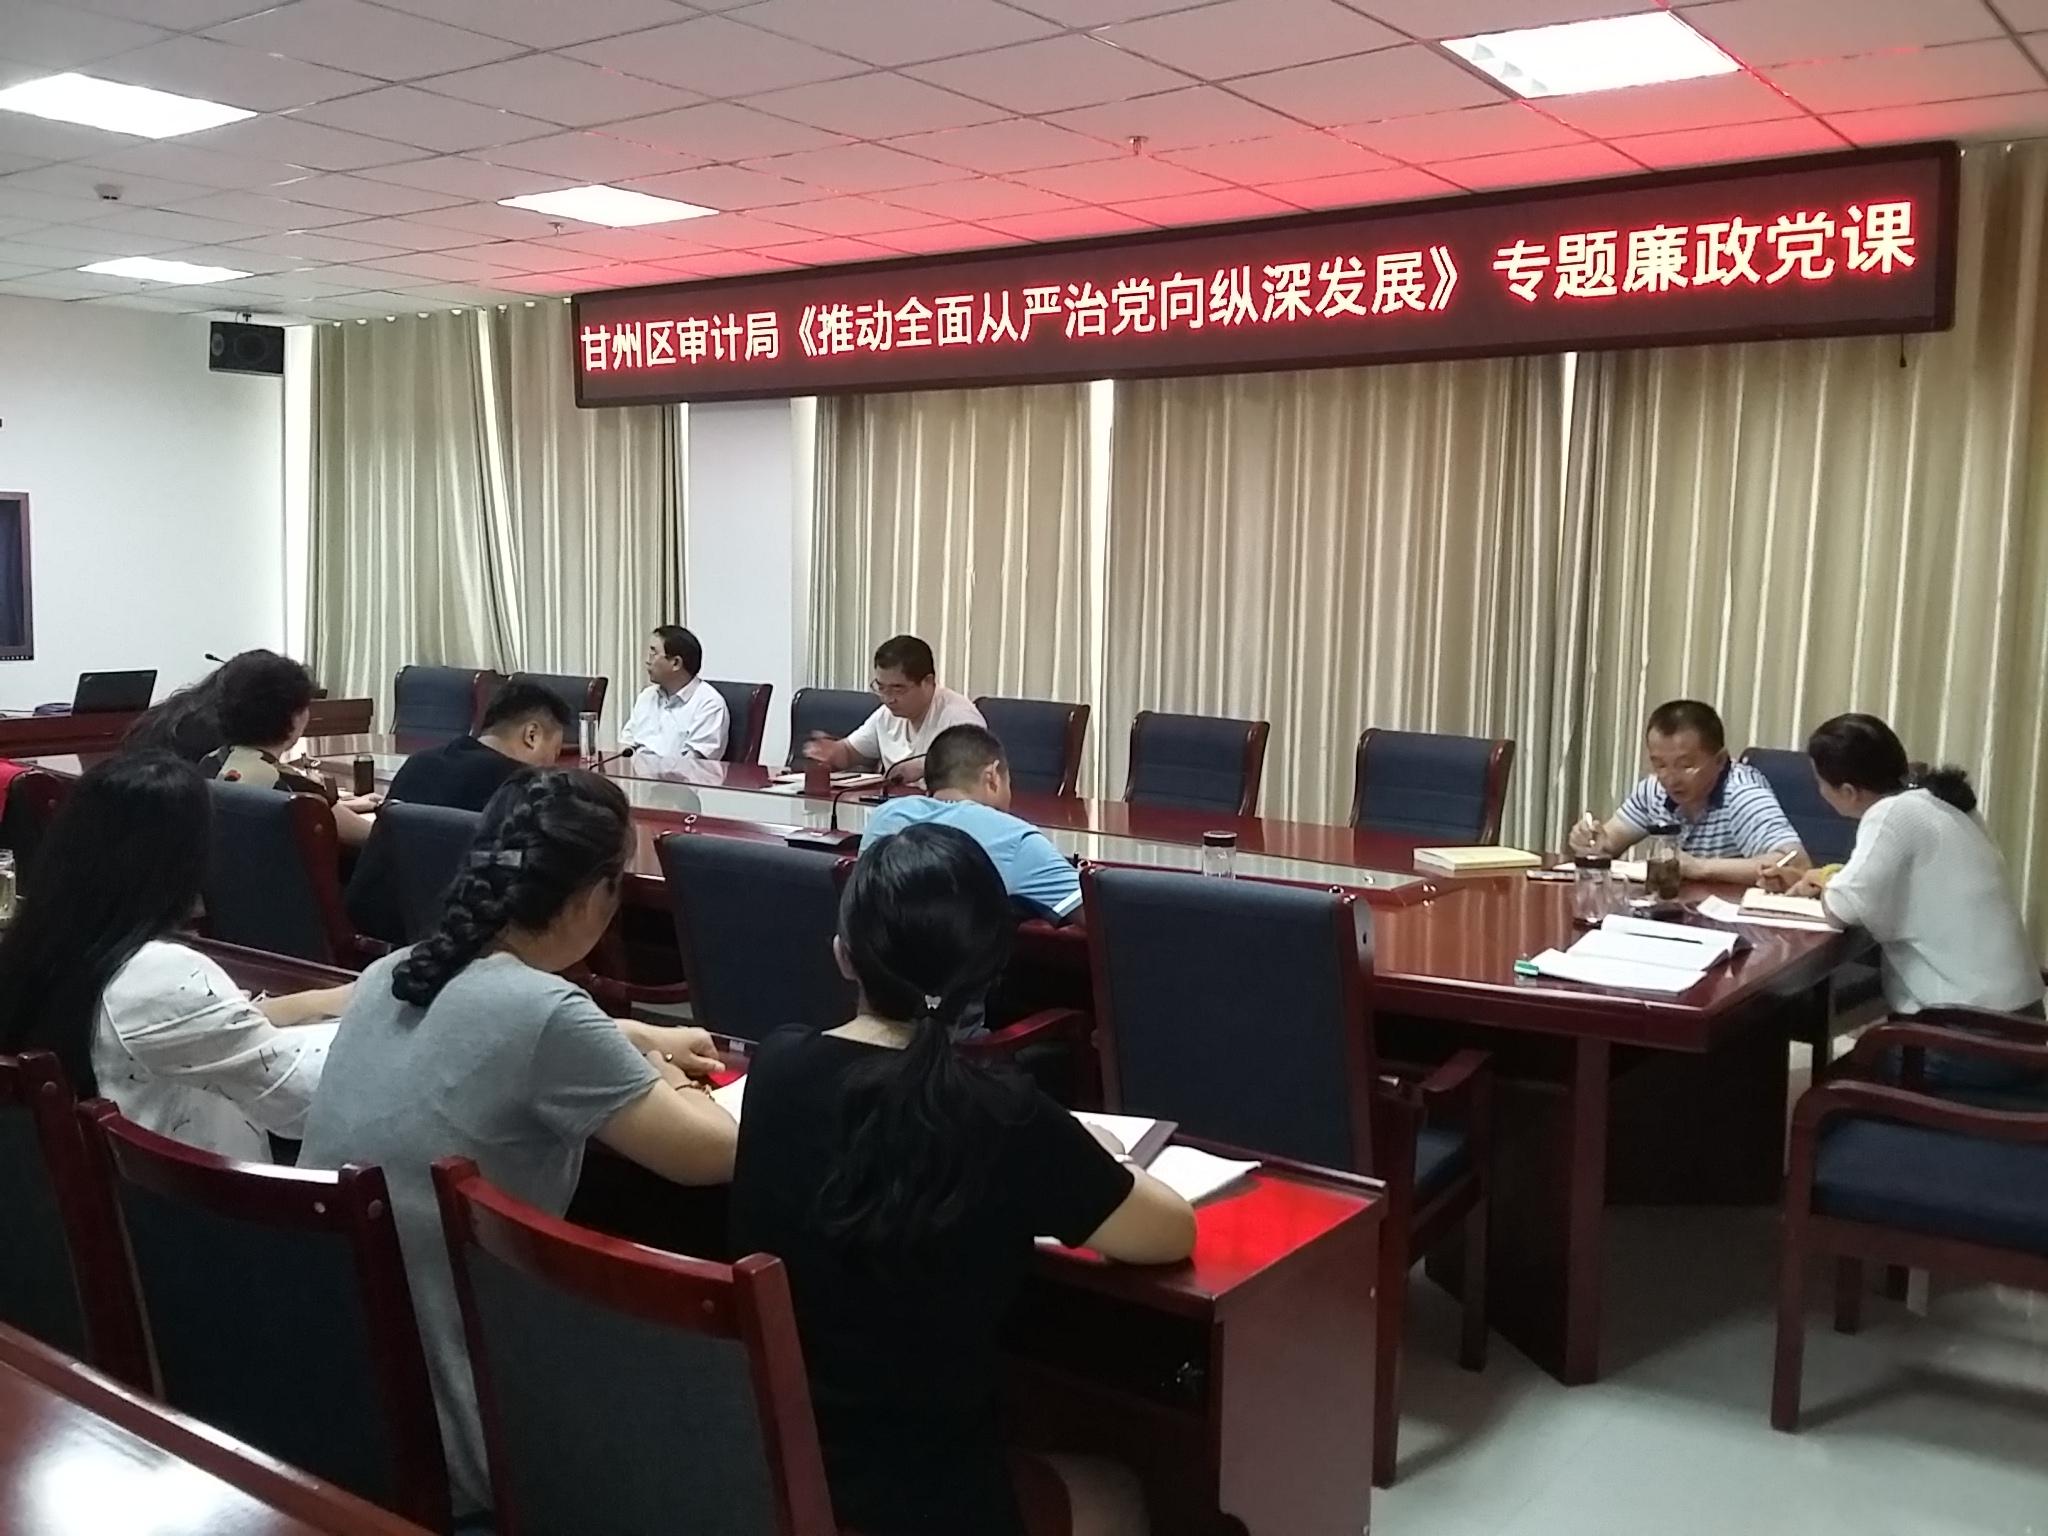 甘州区审计局 组织开展全面从严治党专题廉政党课